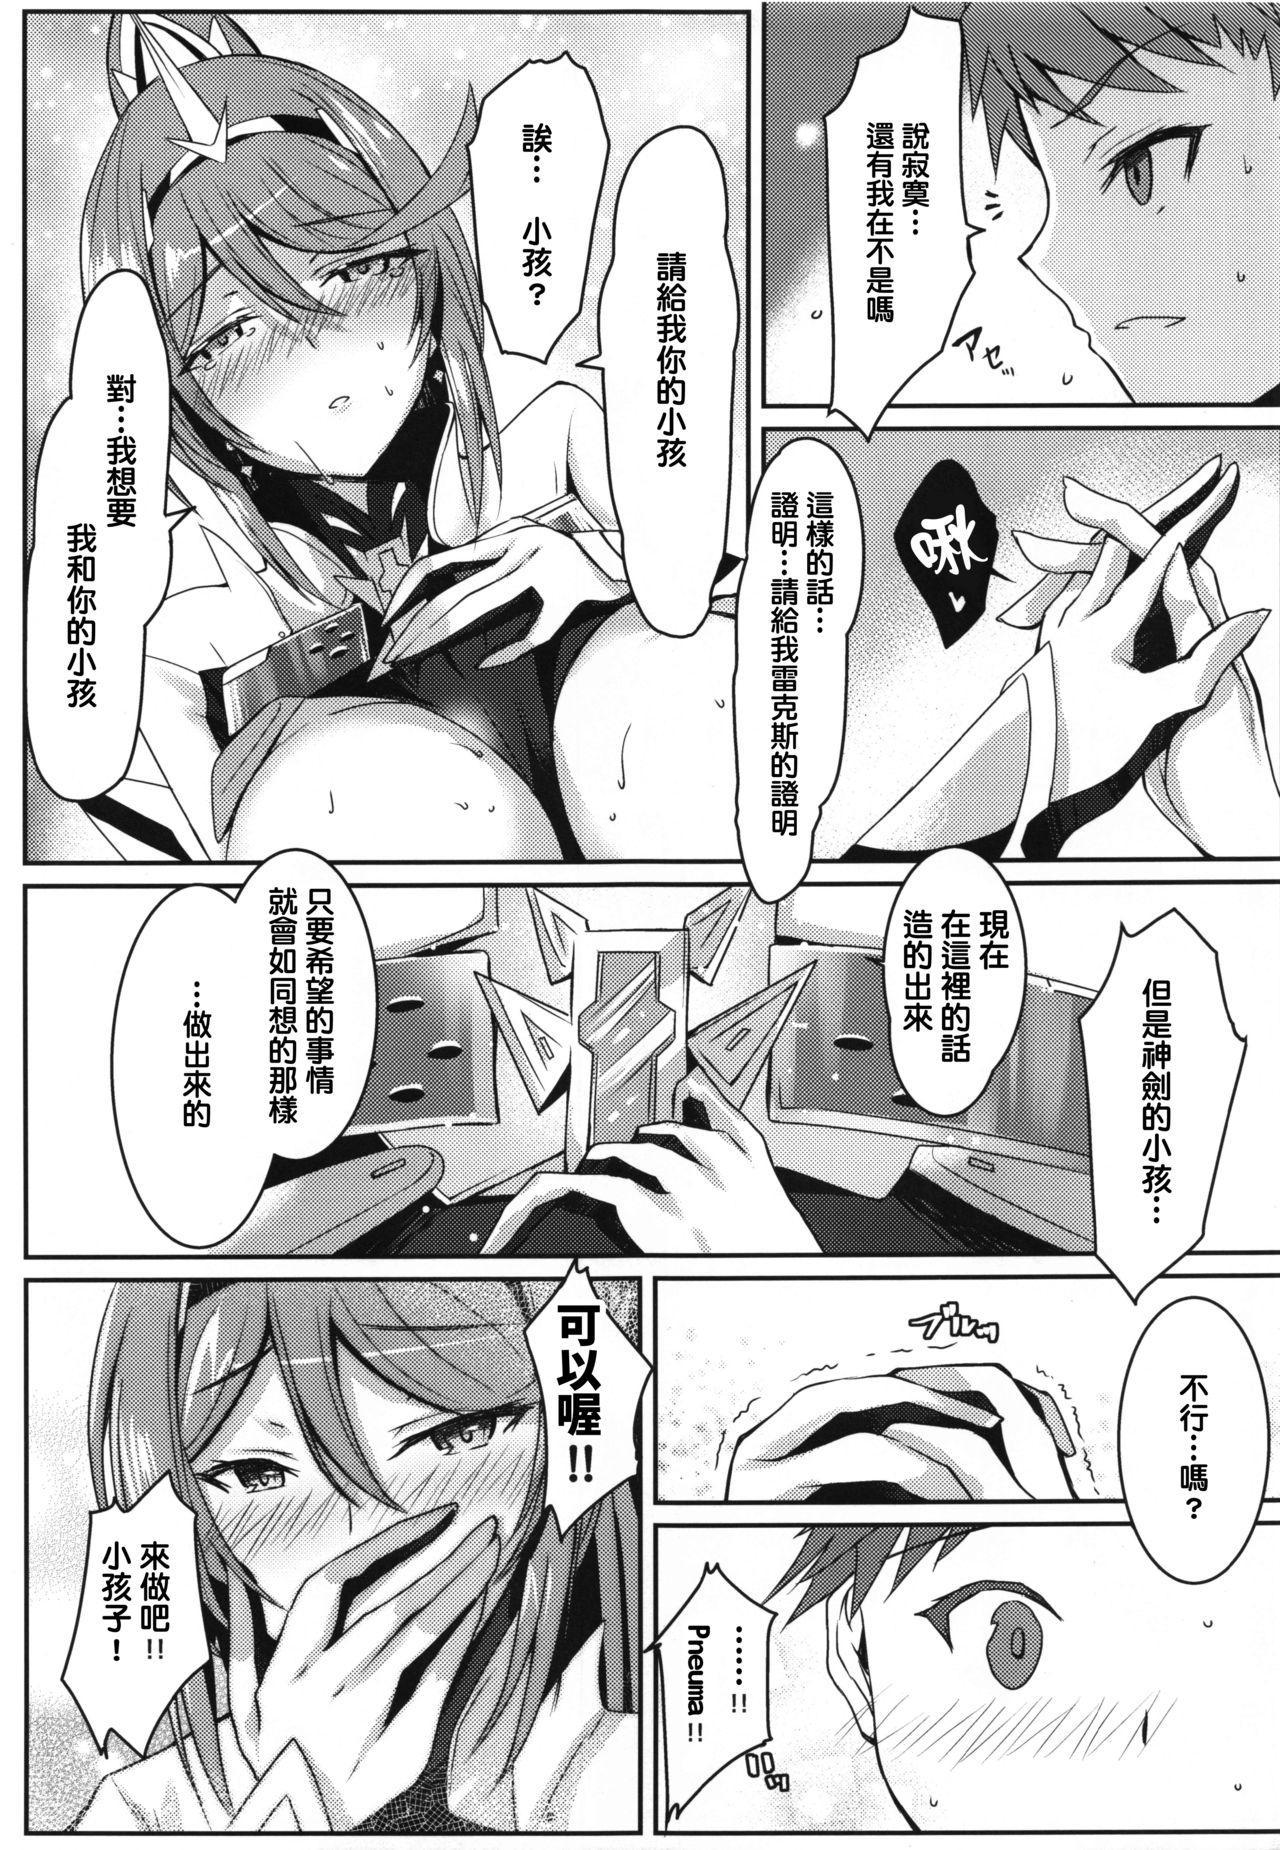 (COMIC1☆17) [どらやきや (井上たくや)] Pneuma的H本 (異度神劍2)[KY桑個人漢化] 17